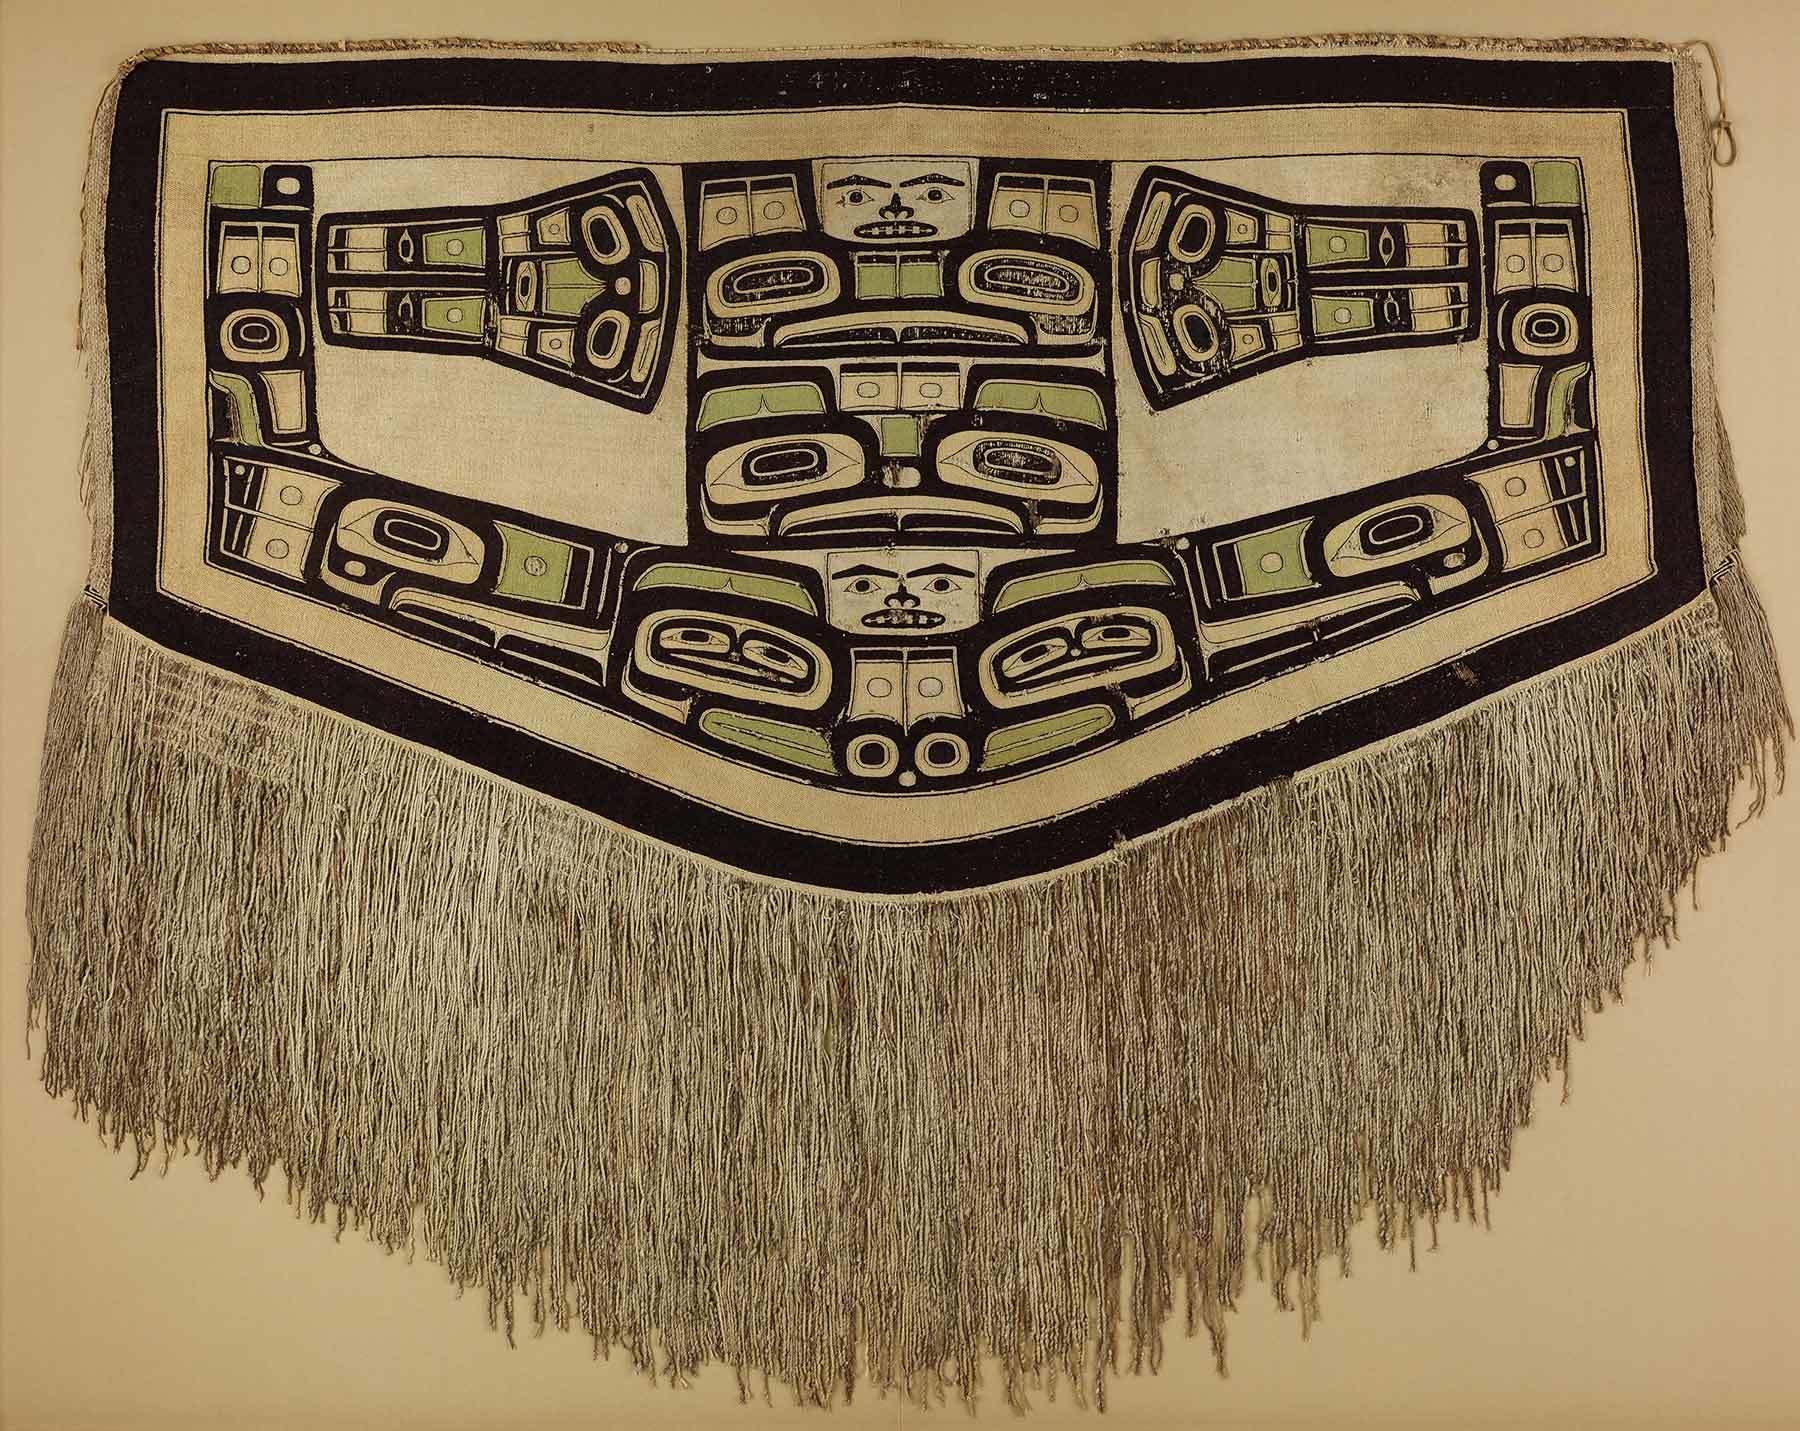 Tlingit artist, Chilkat blanket (detail), before 1832